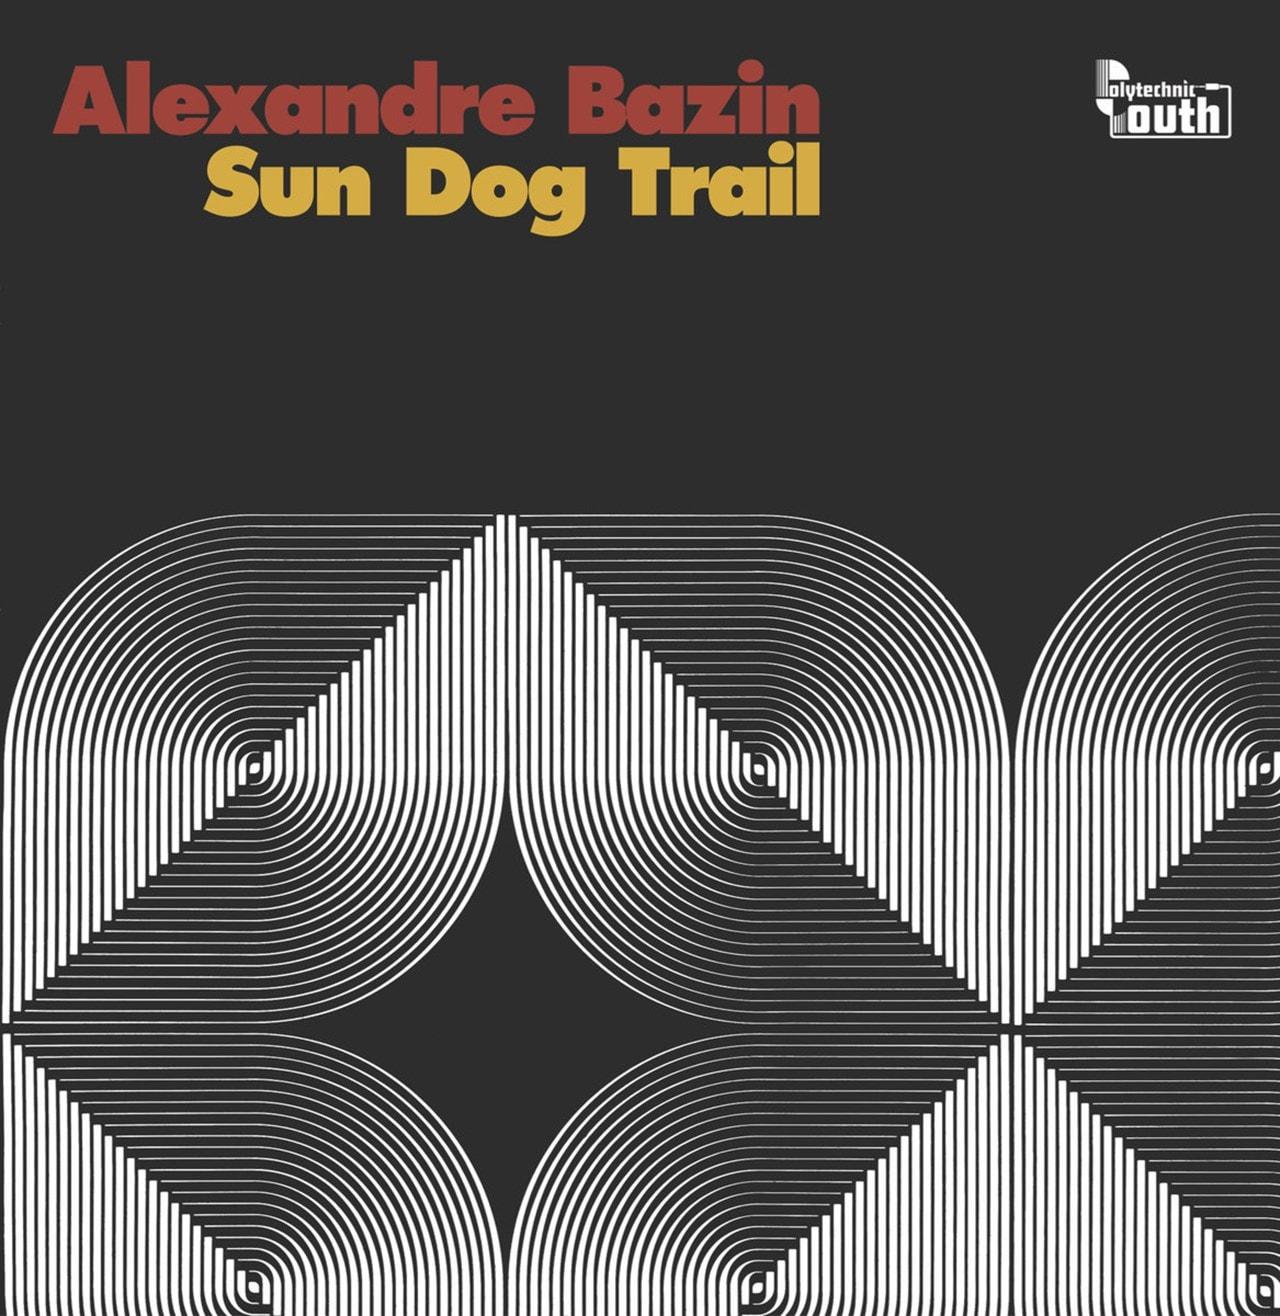 Sun Dog Trail - 1